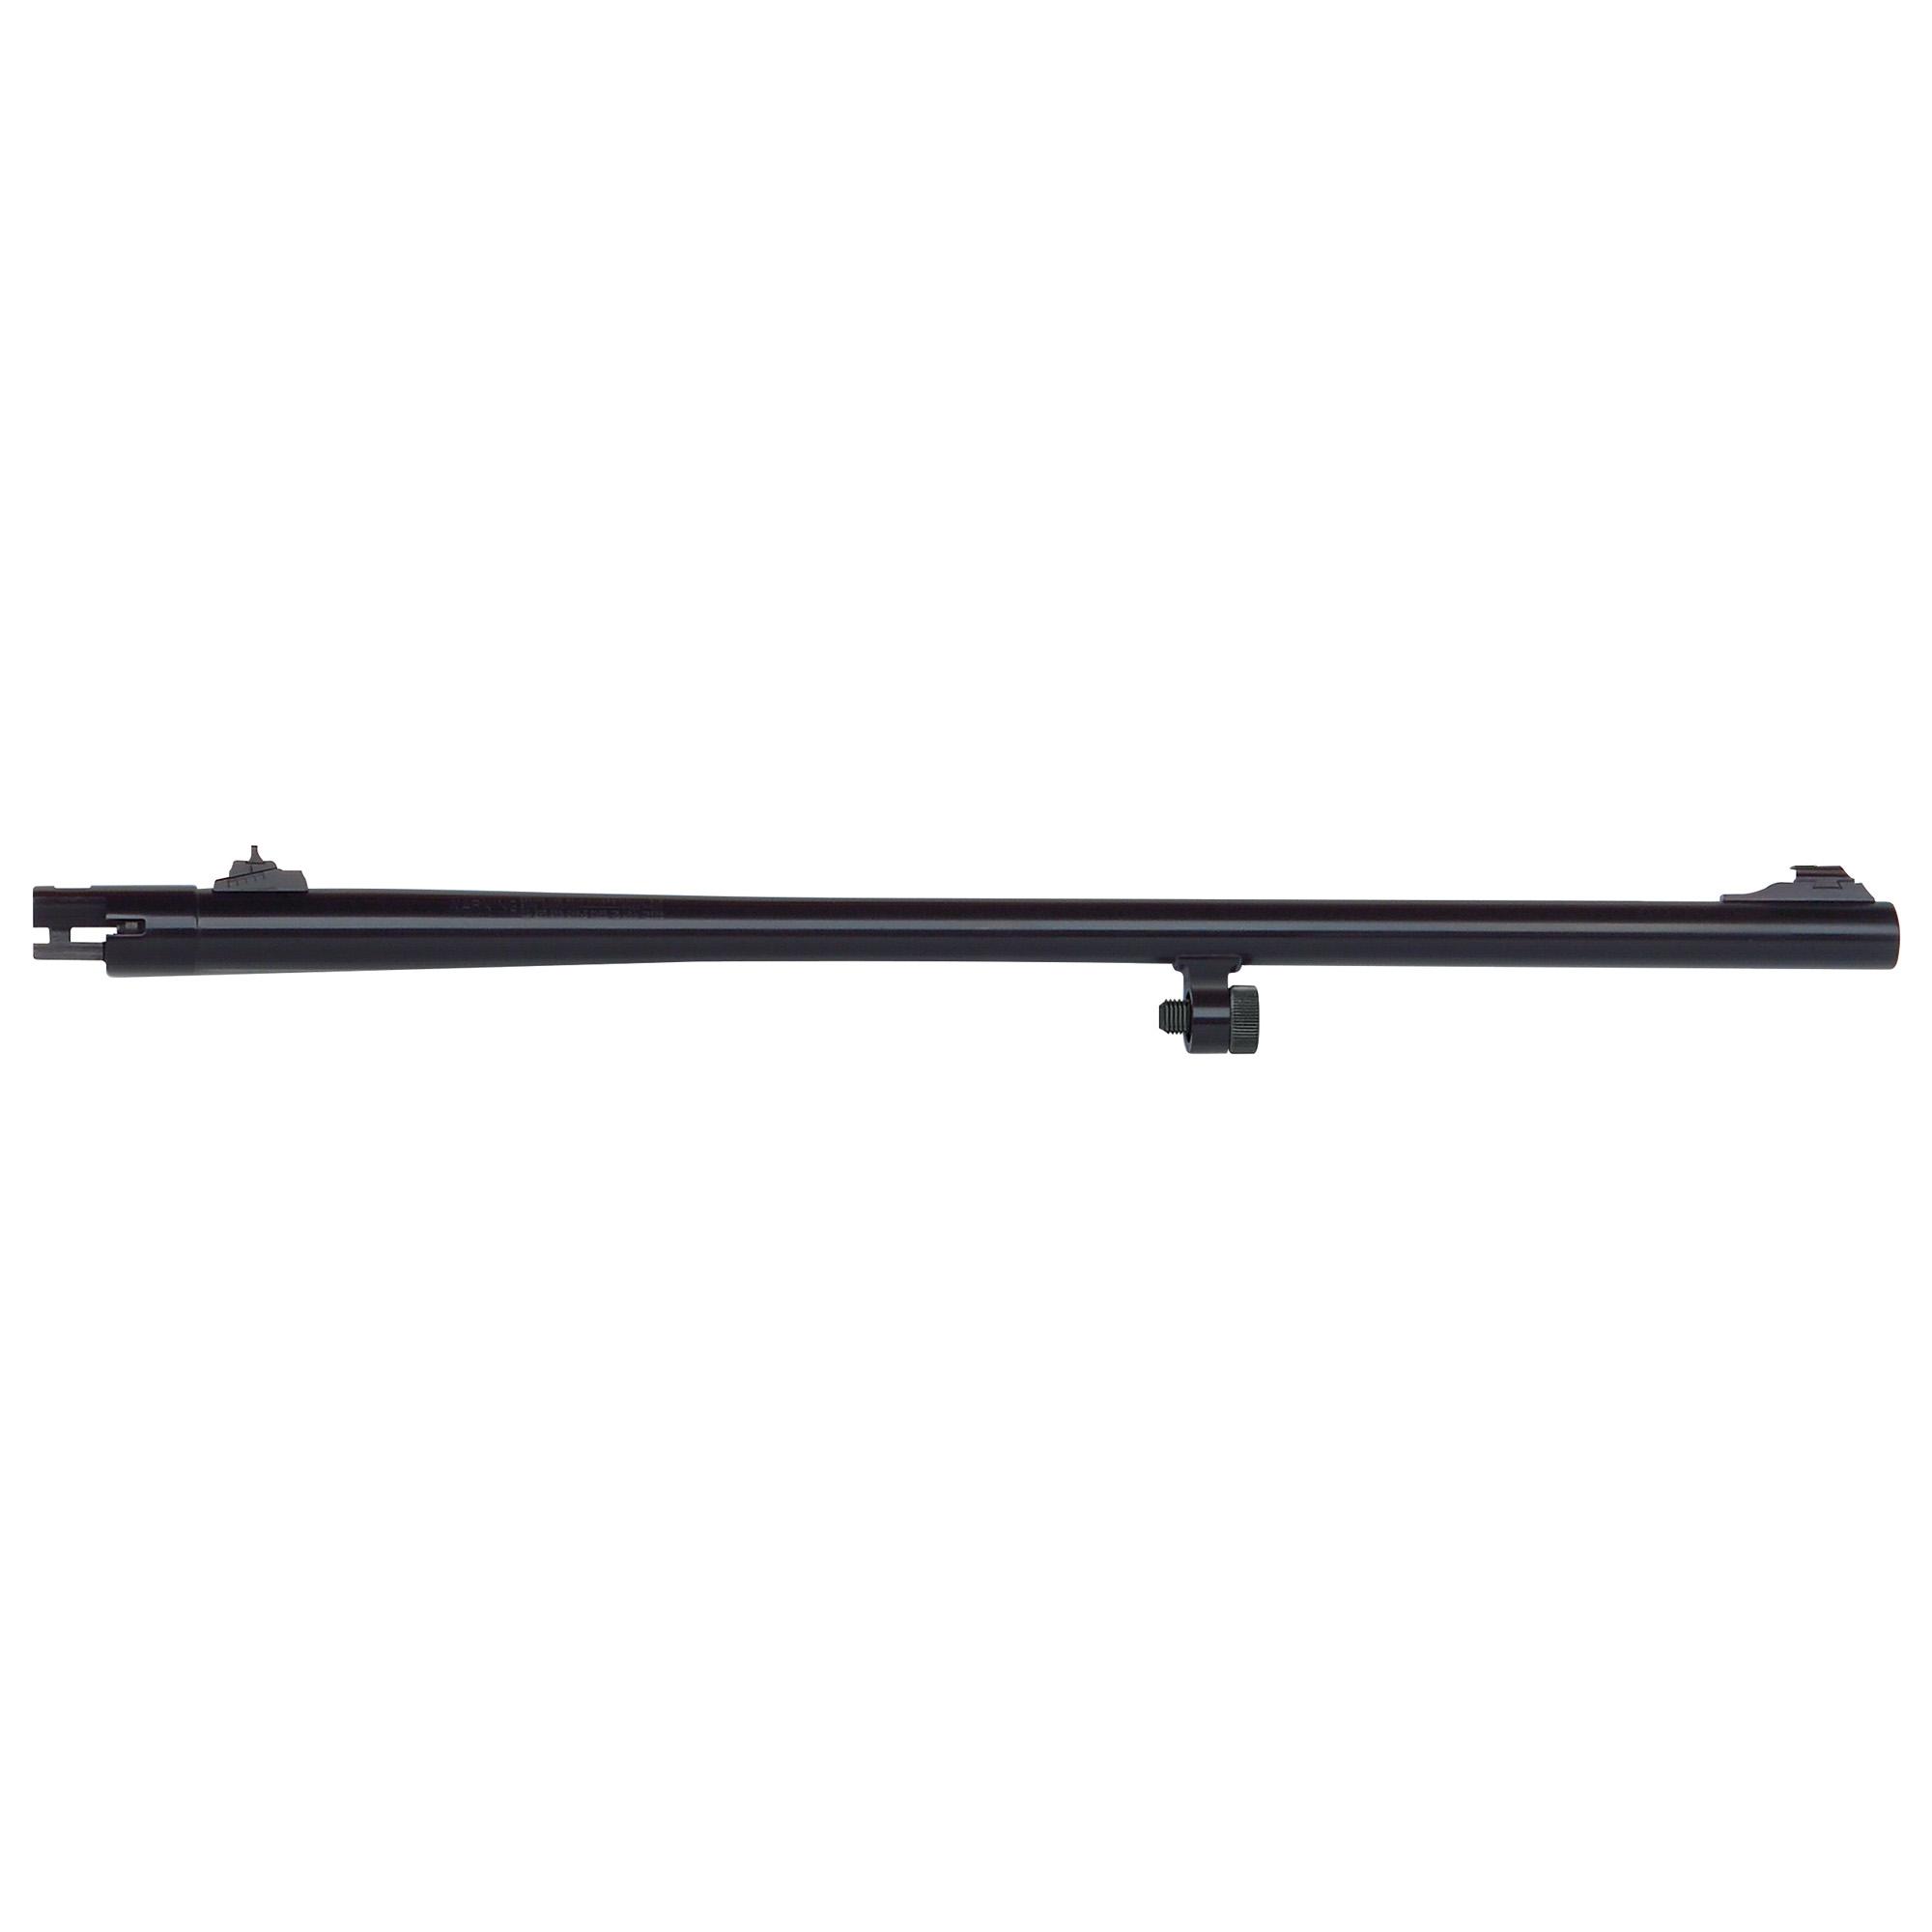 """24"""" Slug barrel with adjustable rifle sights"""" cylinder bore"""" and blued finish. Compatible with 12 Gauge Mossberg 500 and Maverick 88 6-shot models"""